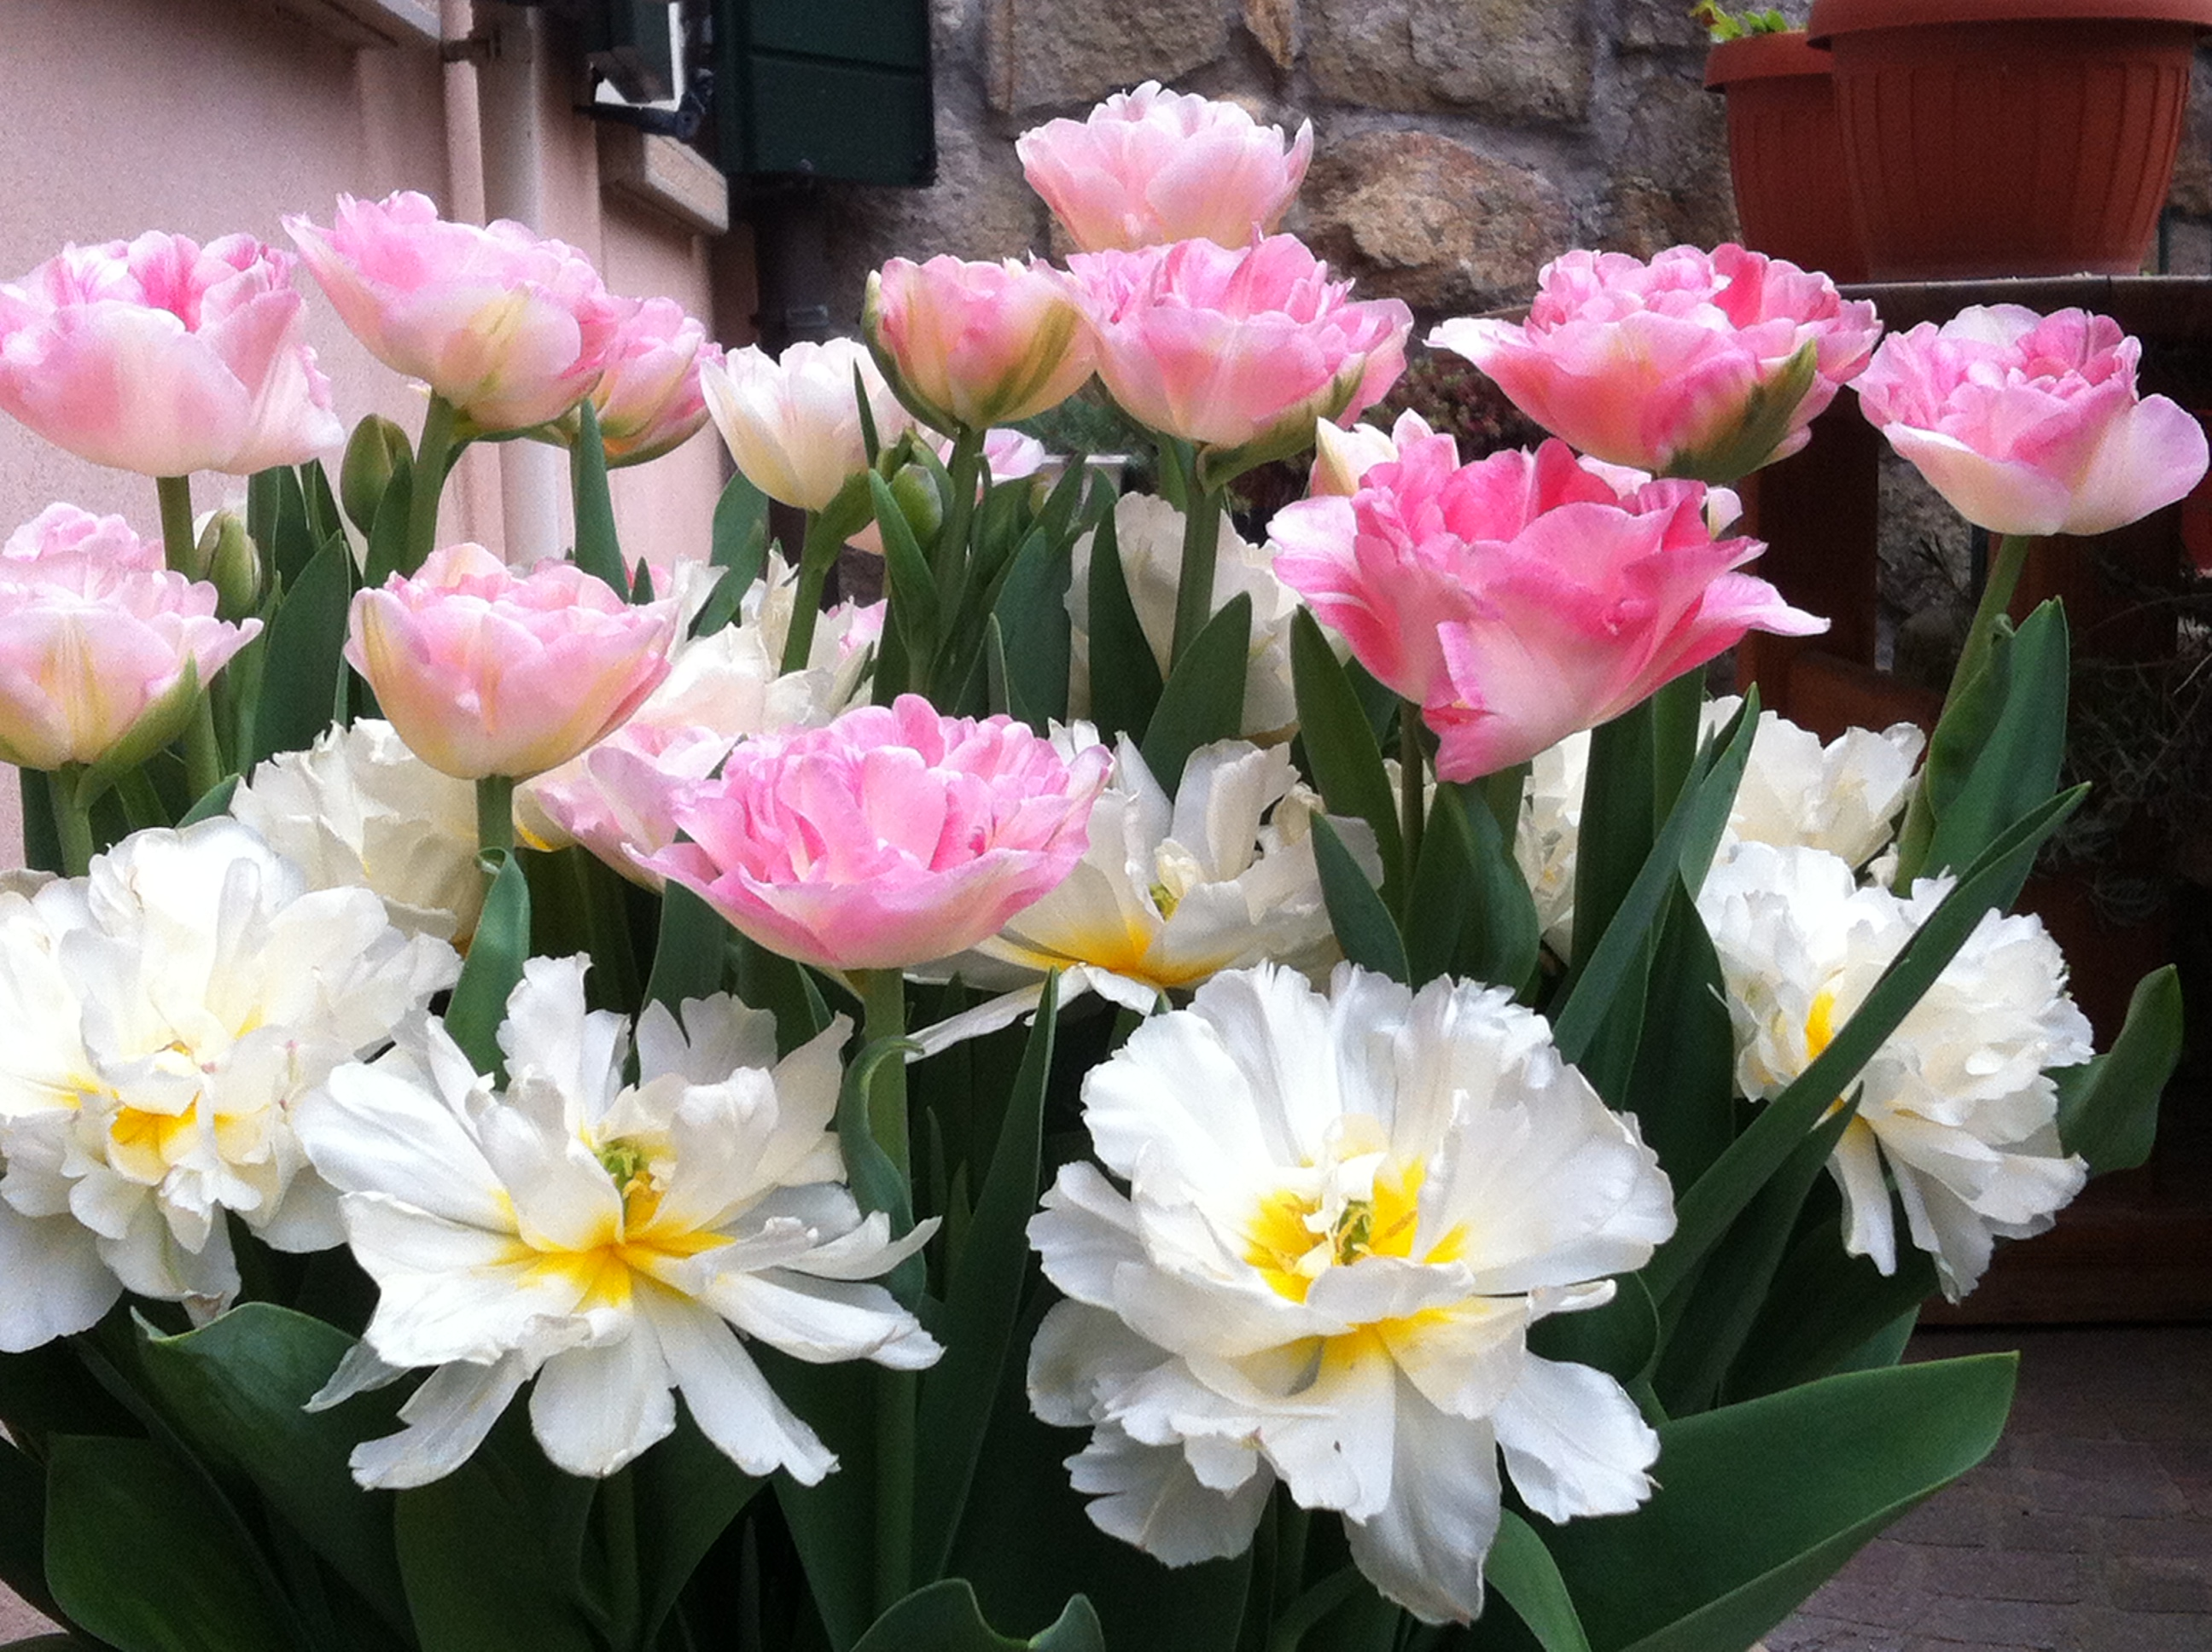 Piantare I Bulbi Di Tulipani tulipani – hortus incomptus